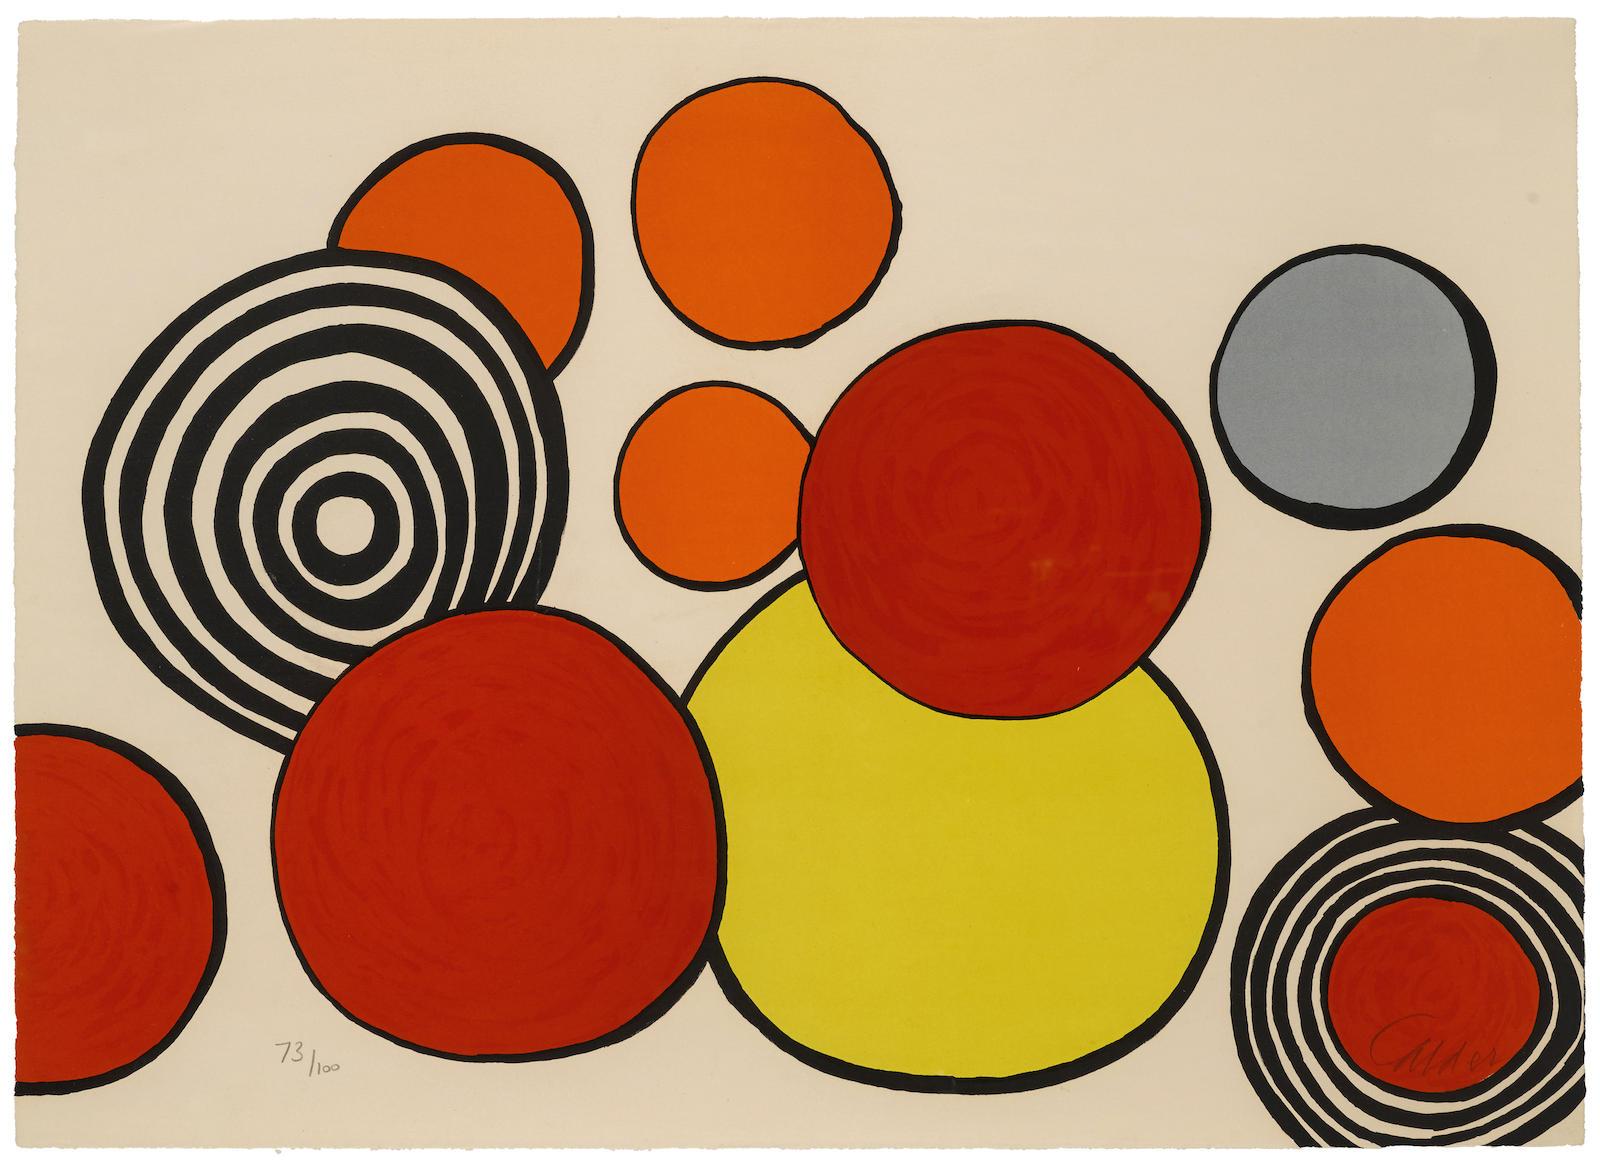 Alexander Calder-Taches de rousseur, pl. 2, from La Mémoire Elémentaire, 1978-1978